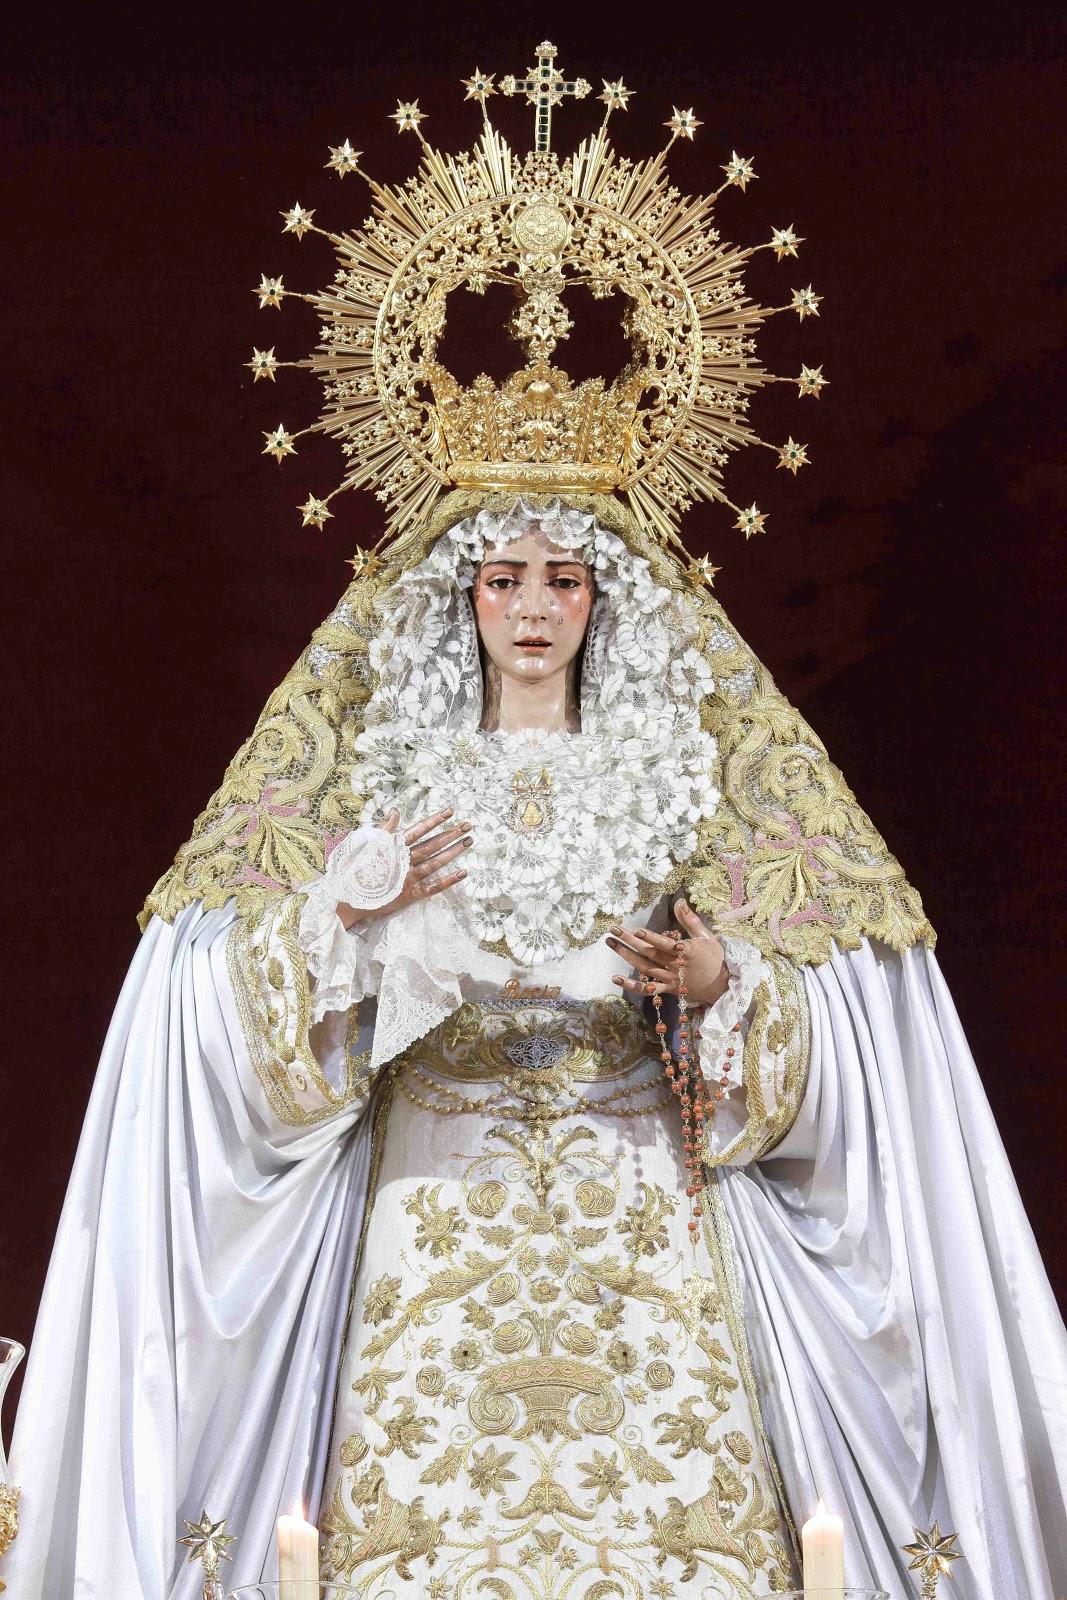 Bendición de Ntra Sra del Rocío y subida al paso de los titulares IMG_9401